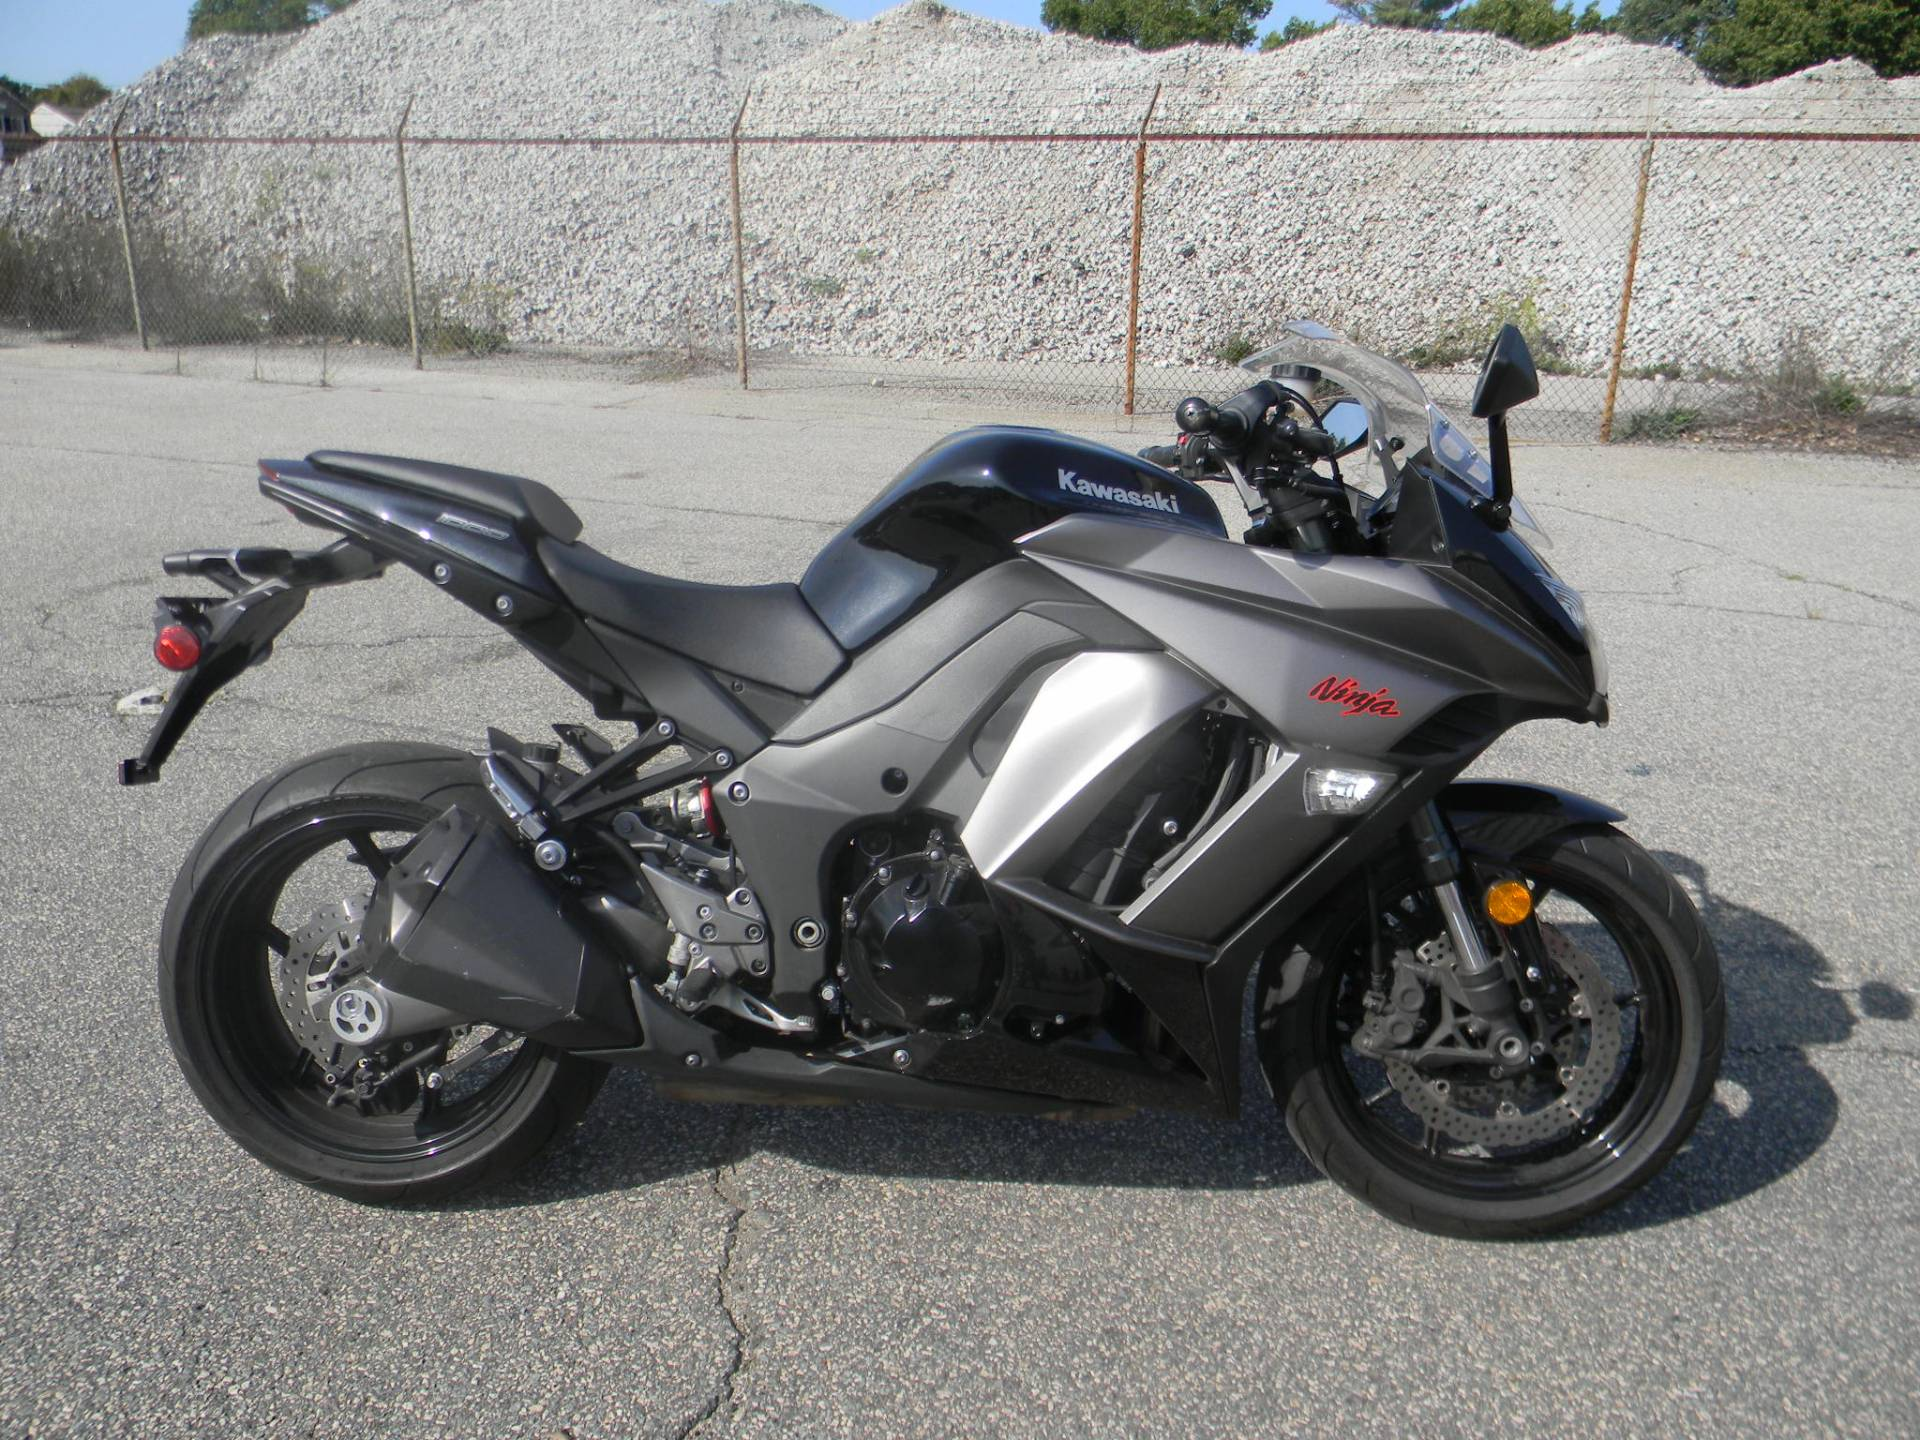 2012 Kawasaki Ninja 1000 Horsepower Gain – Wonderful Image